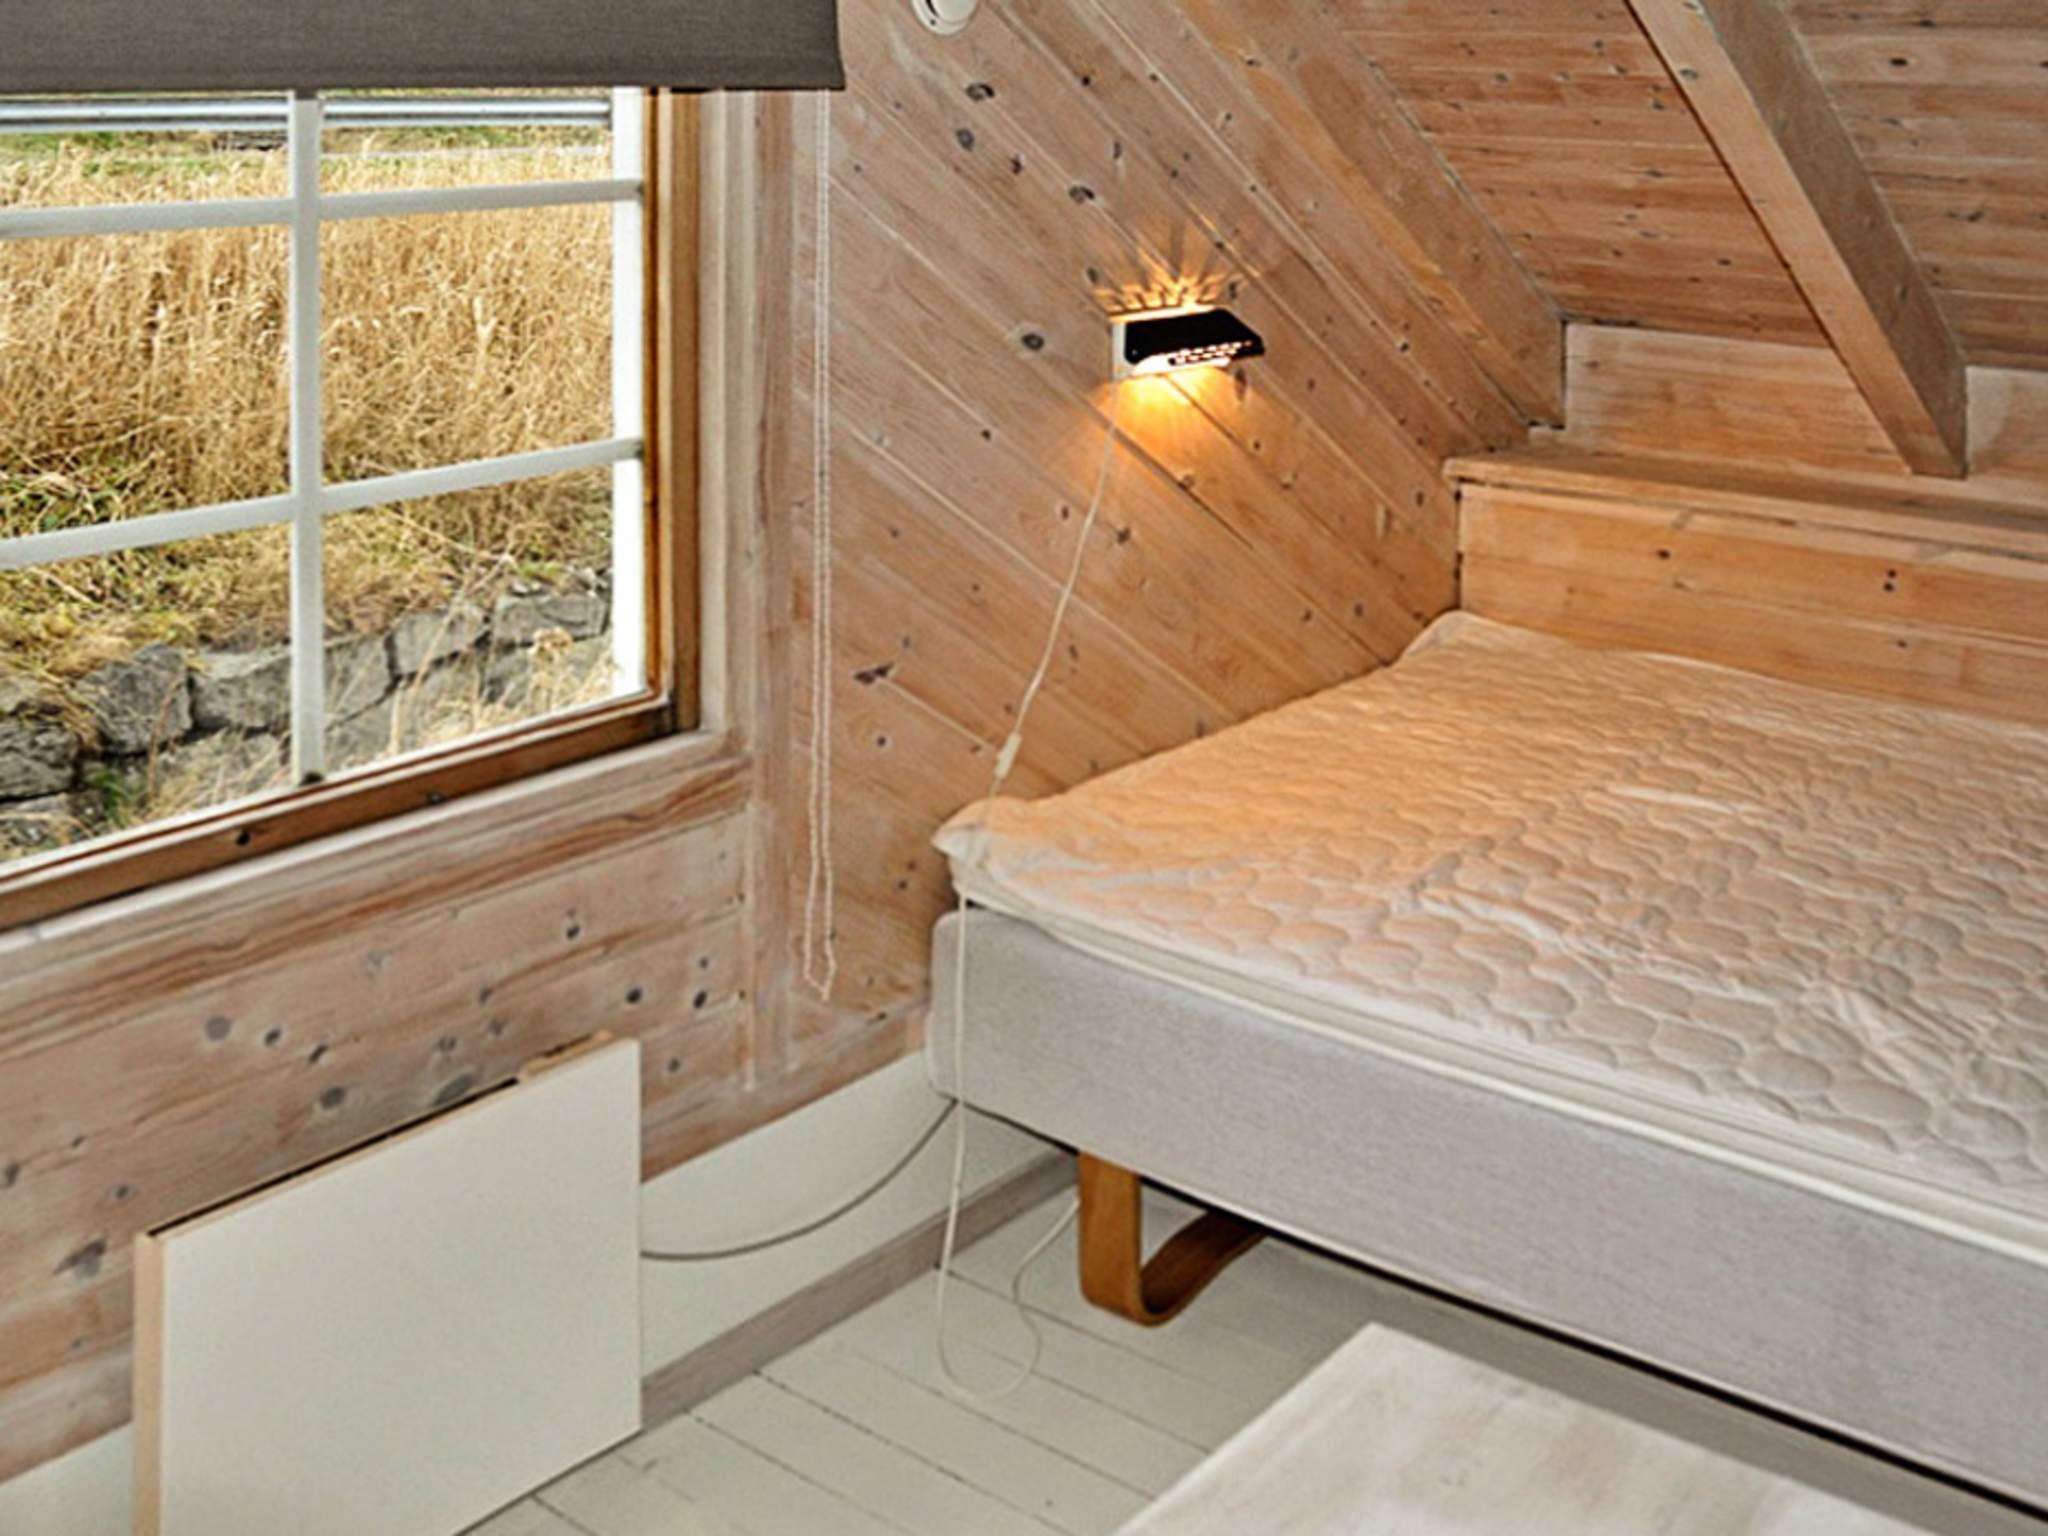 Ferienhaus Haugsbygda (921094), Haugsbygda, More - Romsdal, Westnorwegen, Norwegen, Bild 8